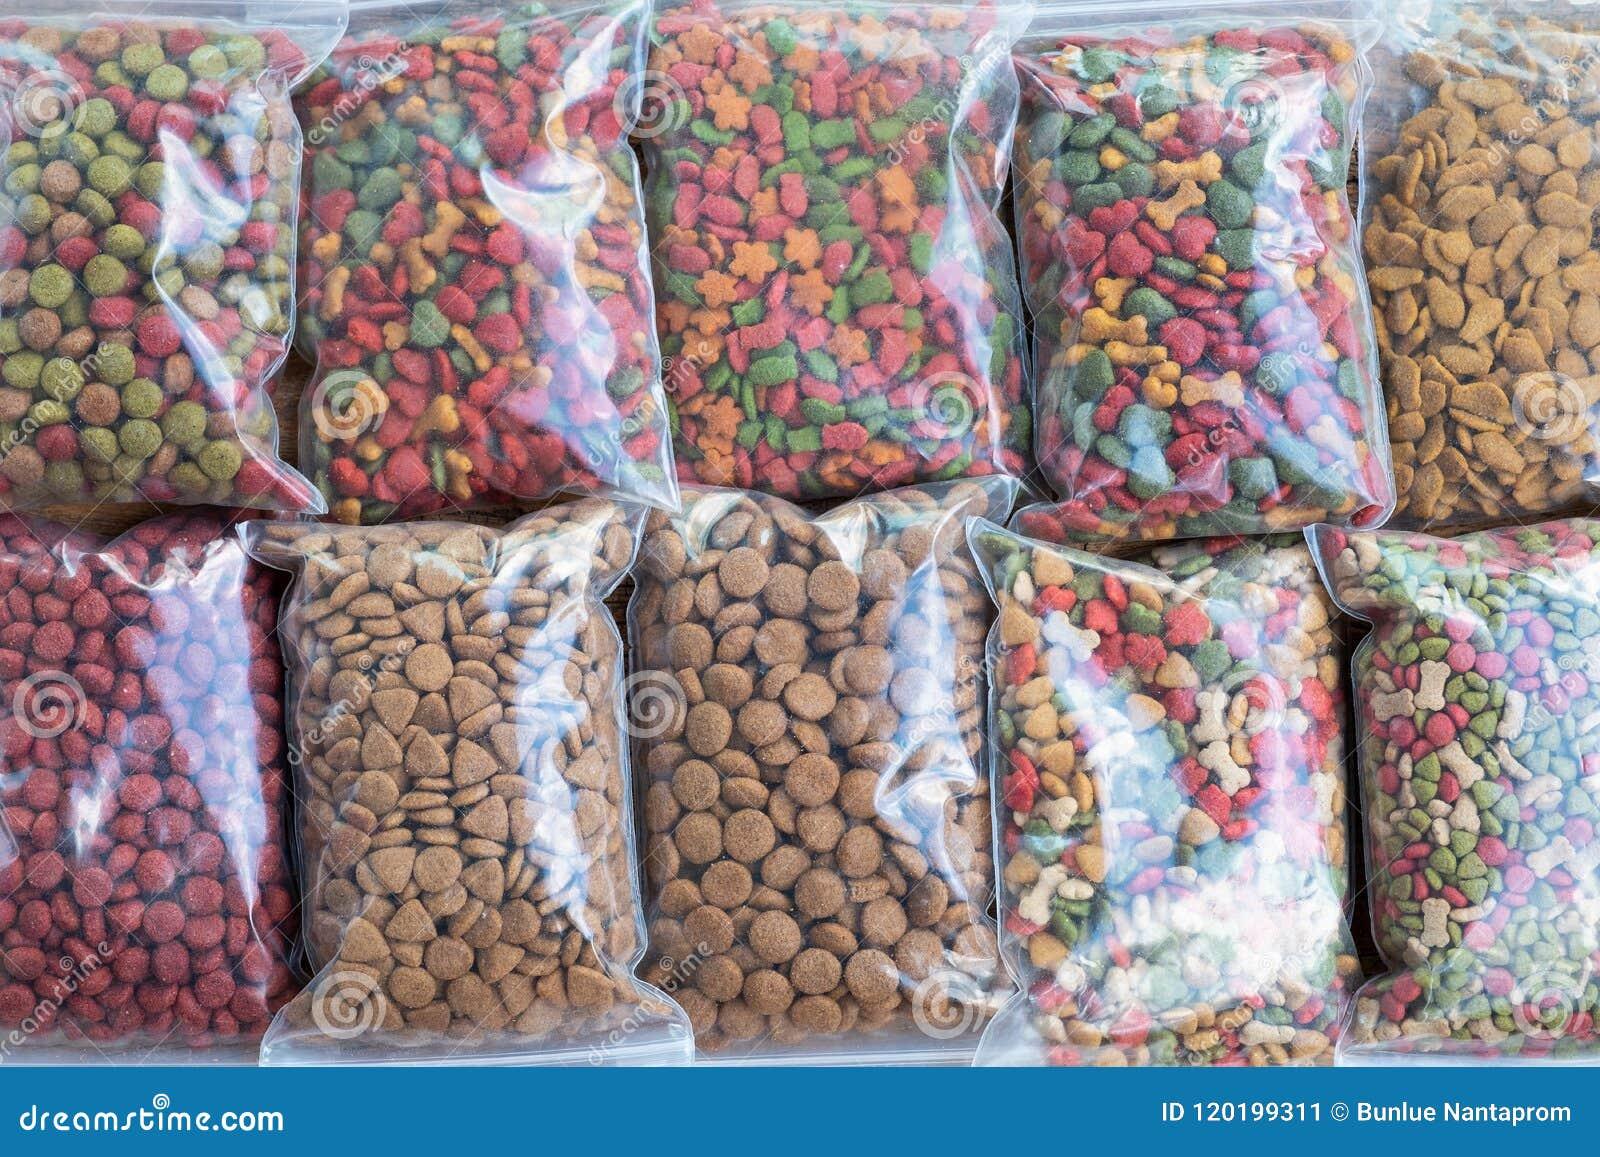 Resultado de imagen para bolsas de plastico alimentos